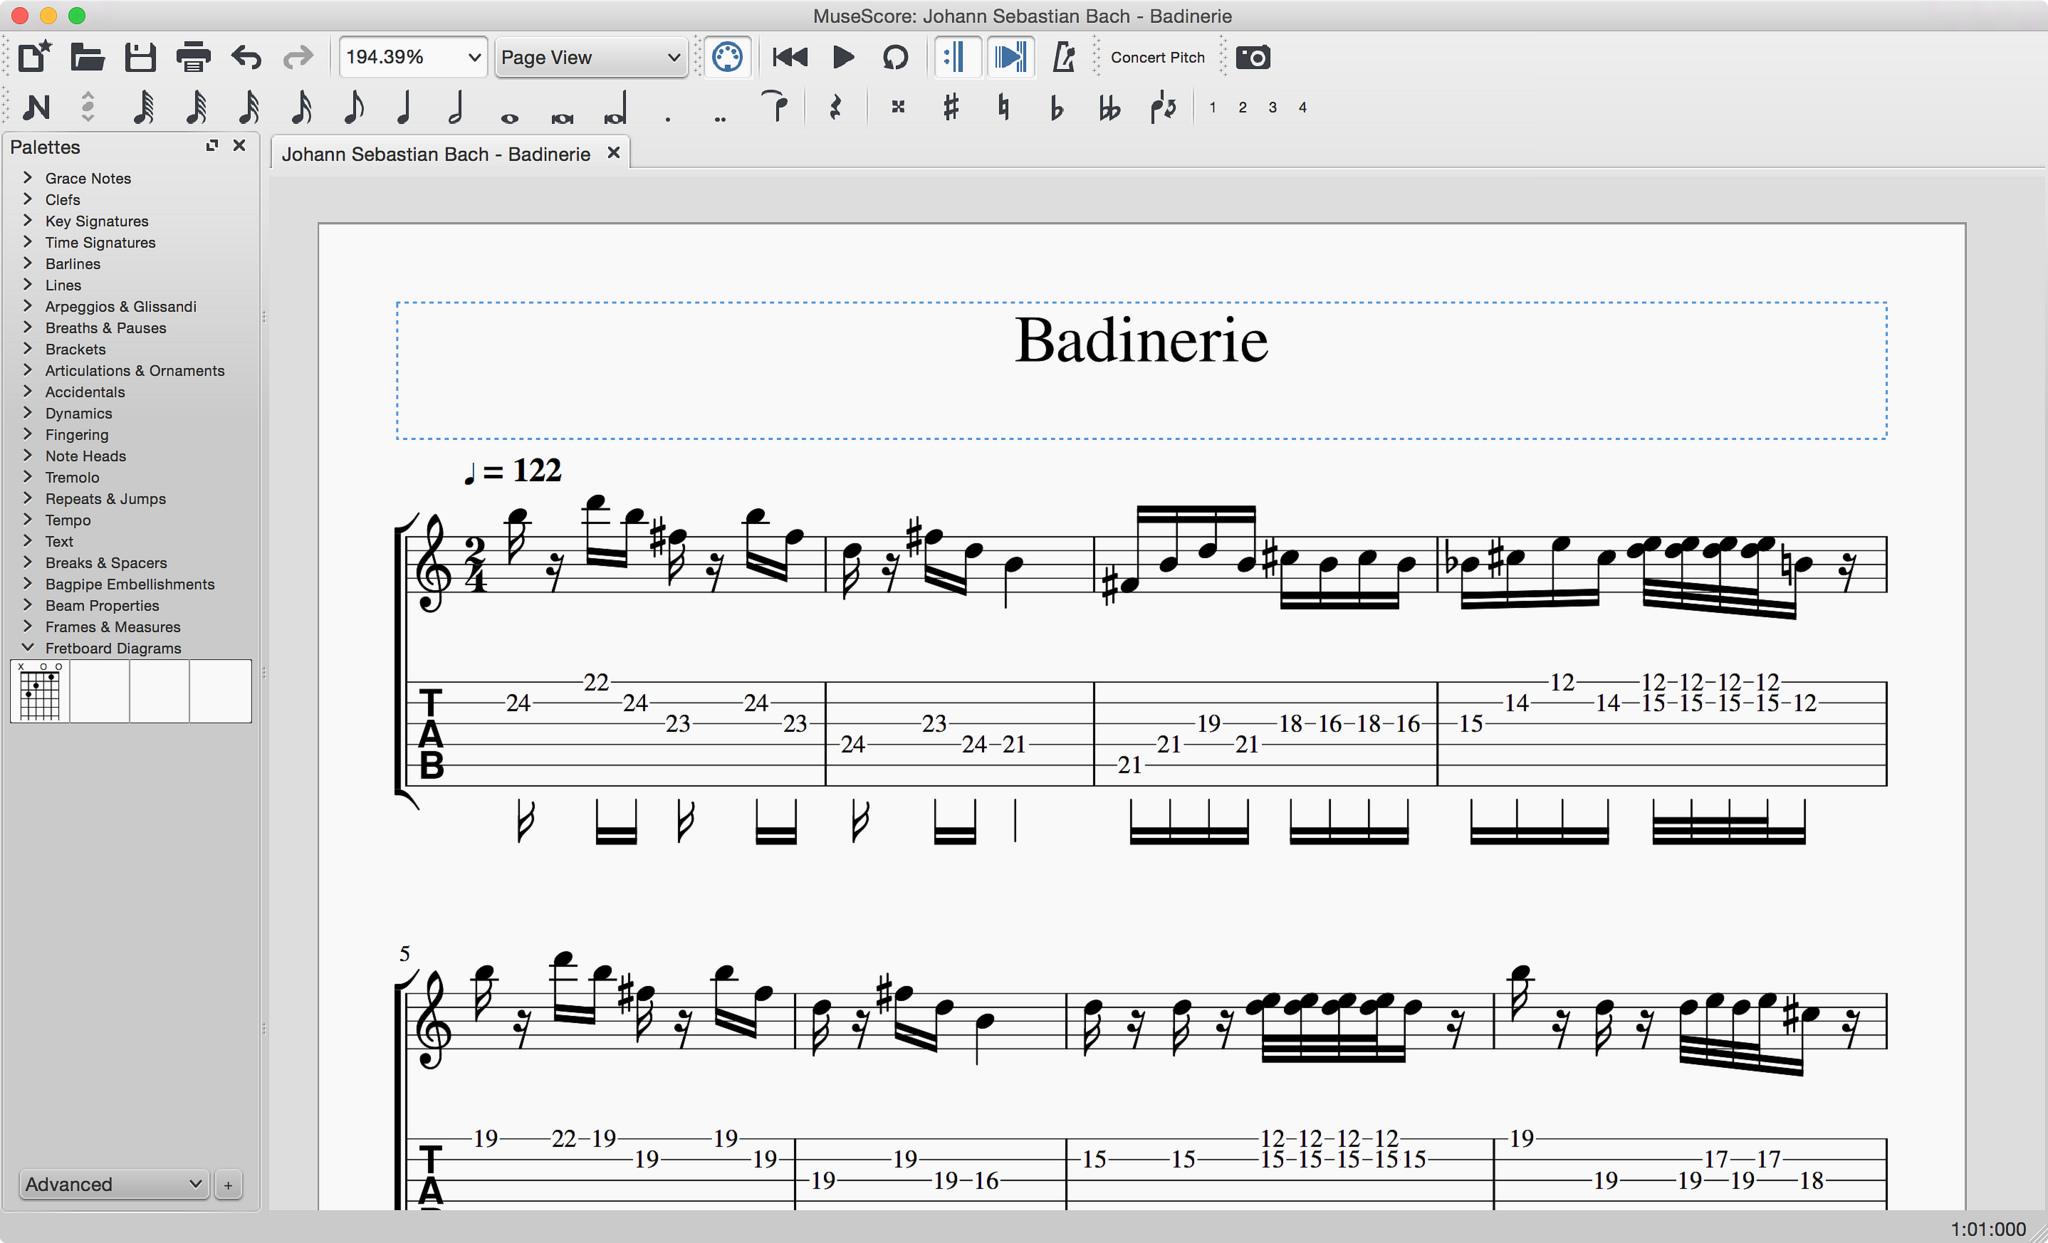 Guitar tab in MuseScore 2.0